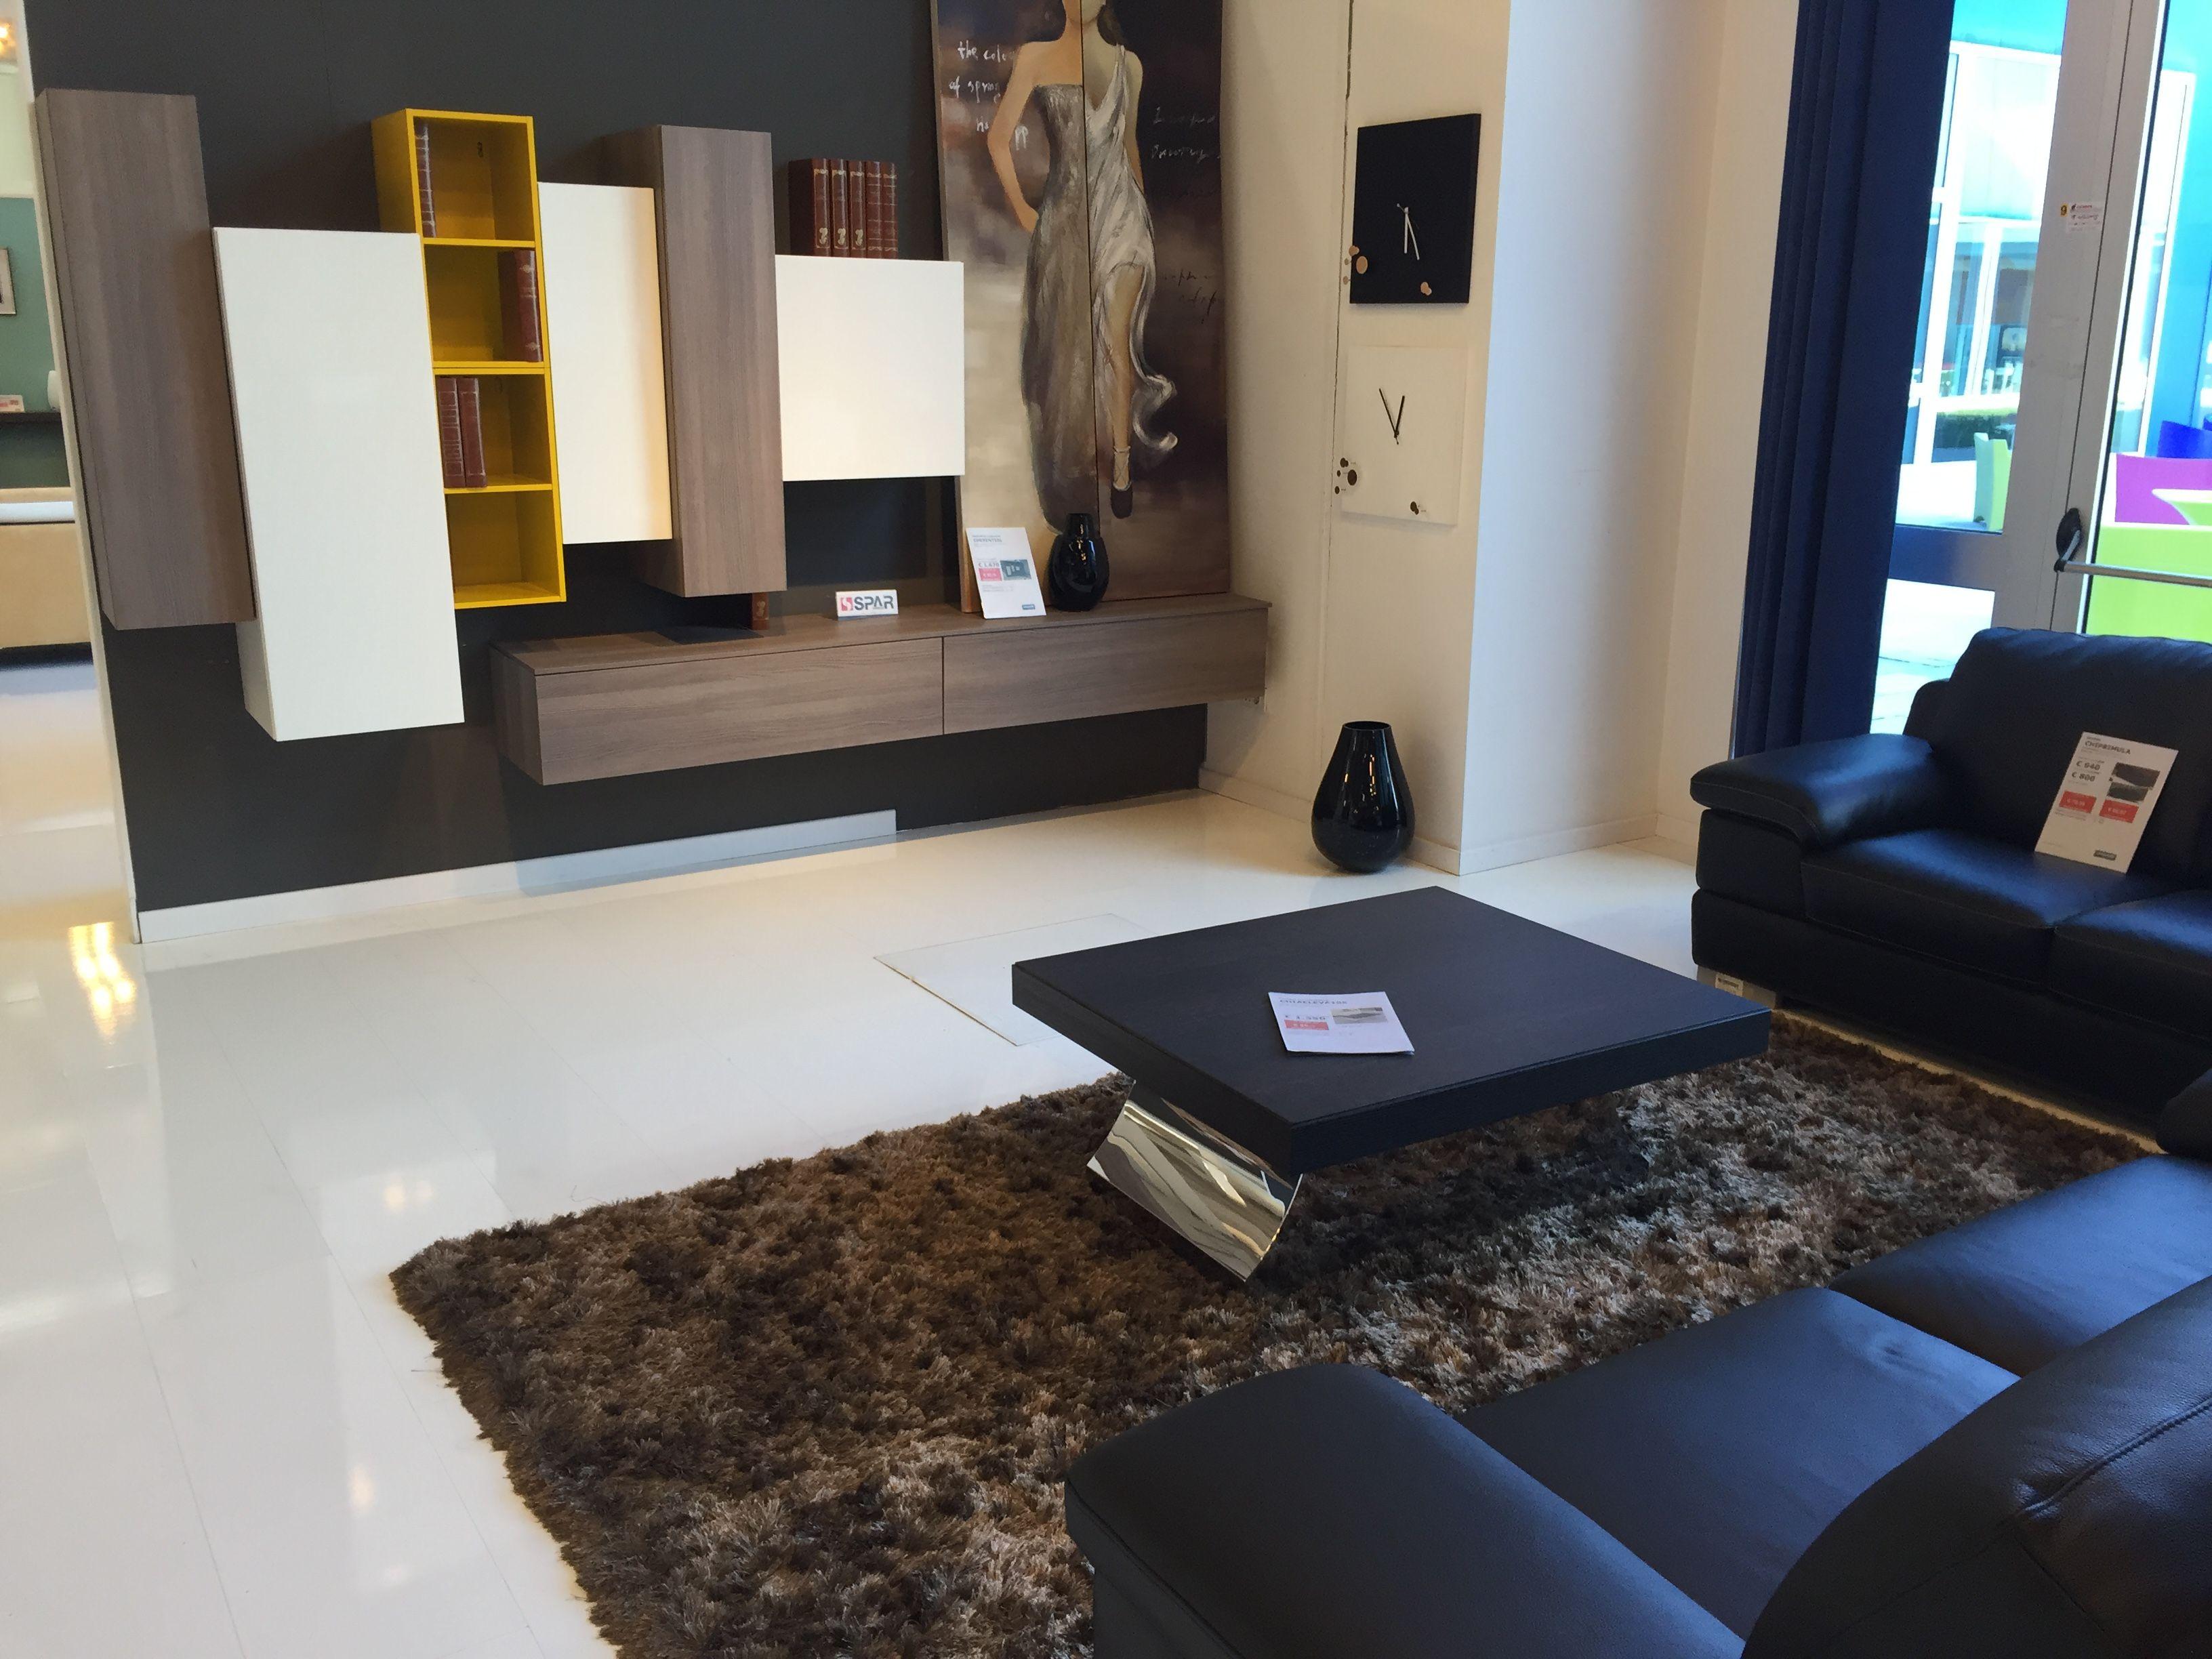 Chiarelli center arredamenti bari modugno divani for G g arredamenti